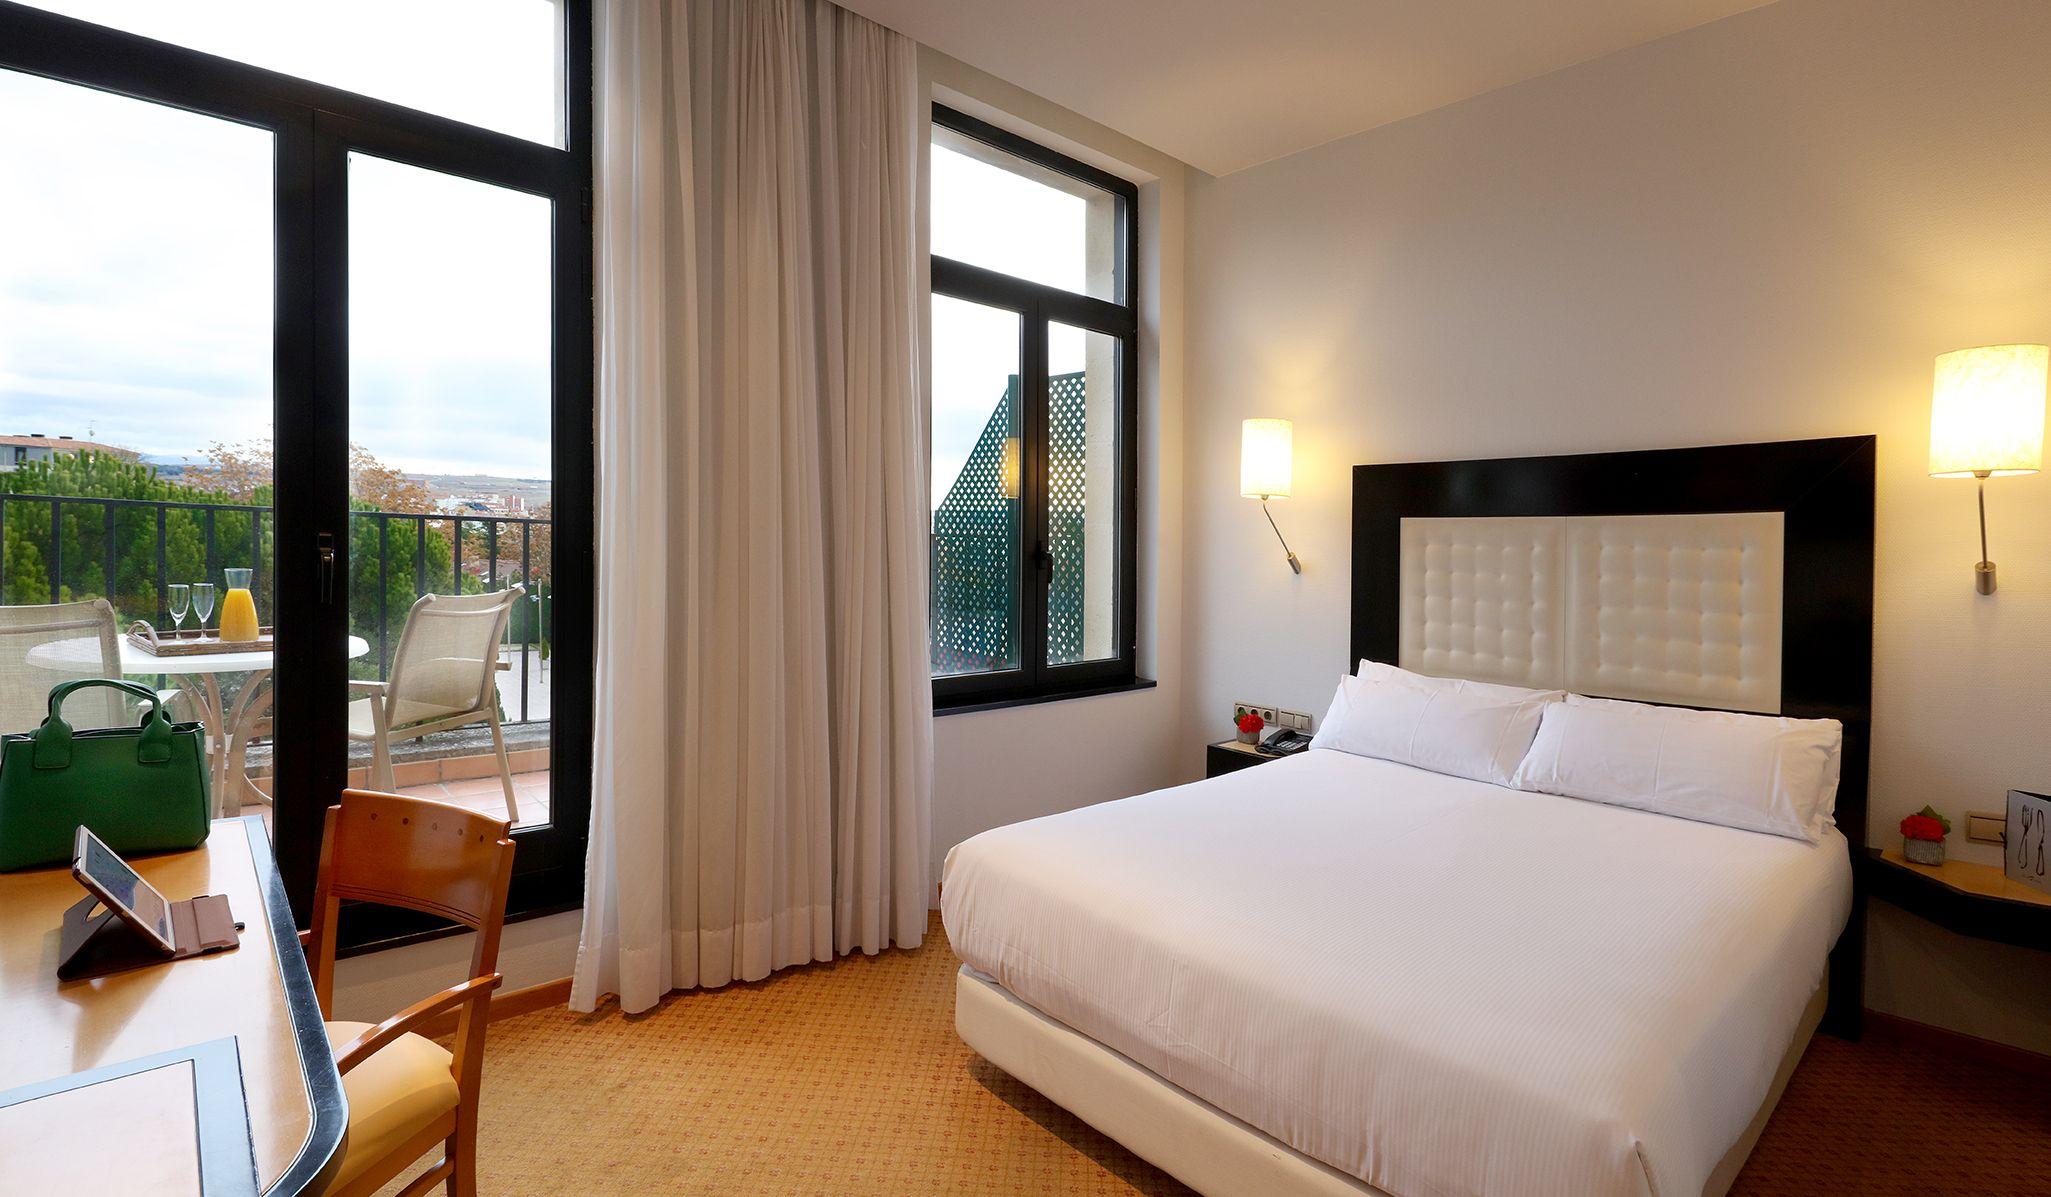 Abba Burgos Hotel S Hotel En Burgos Habitacion Abba Deluxe